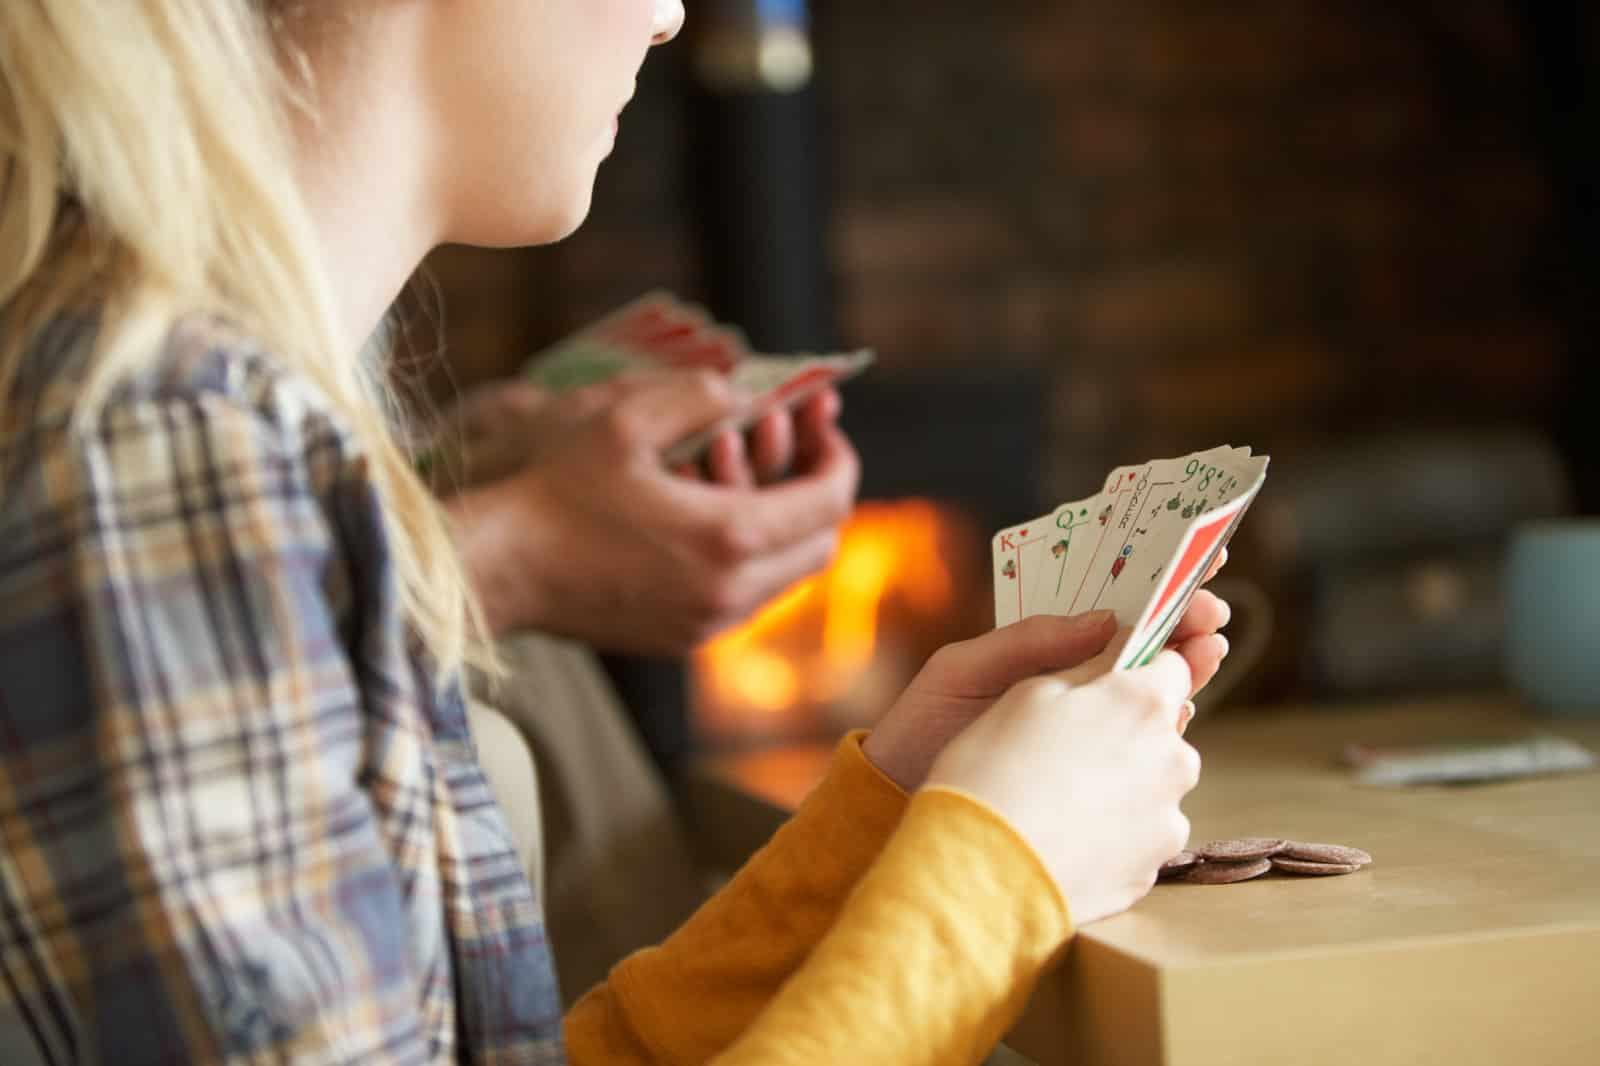 Teen problem gambling kathy griffin matt gambling